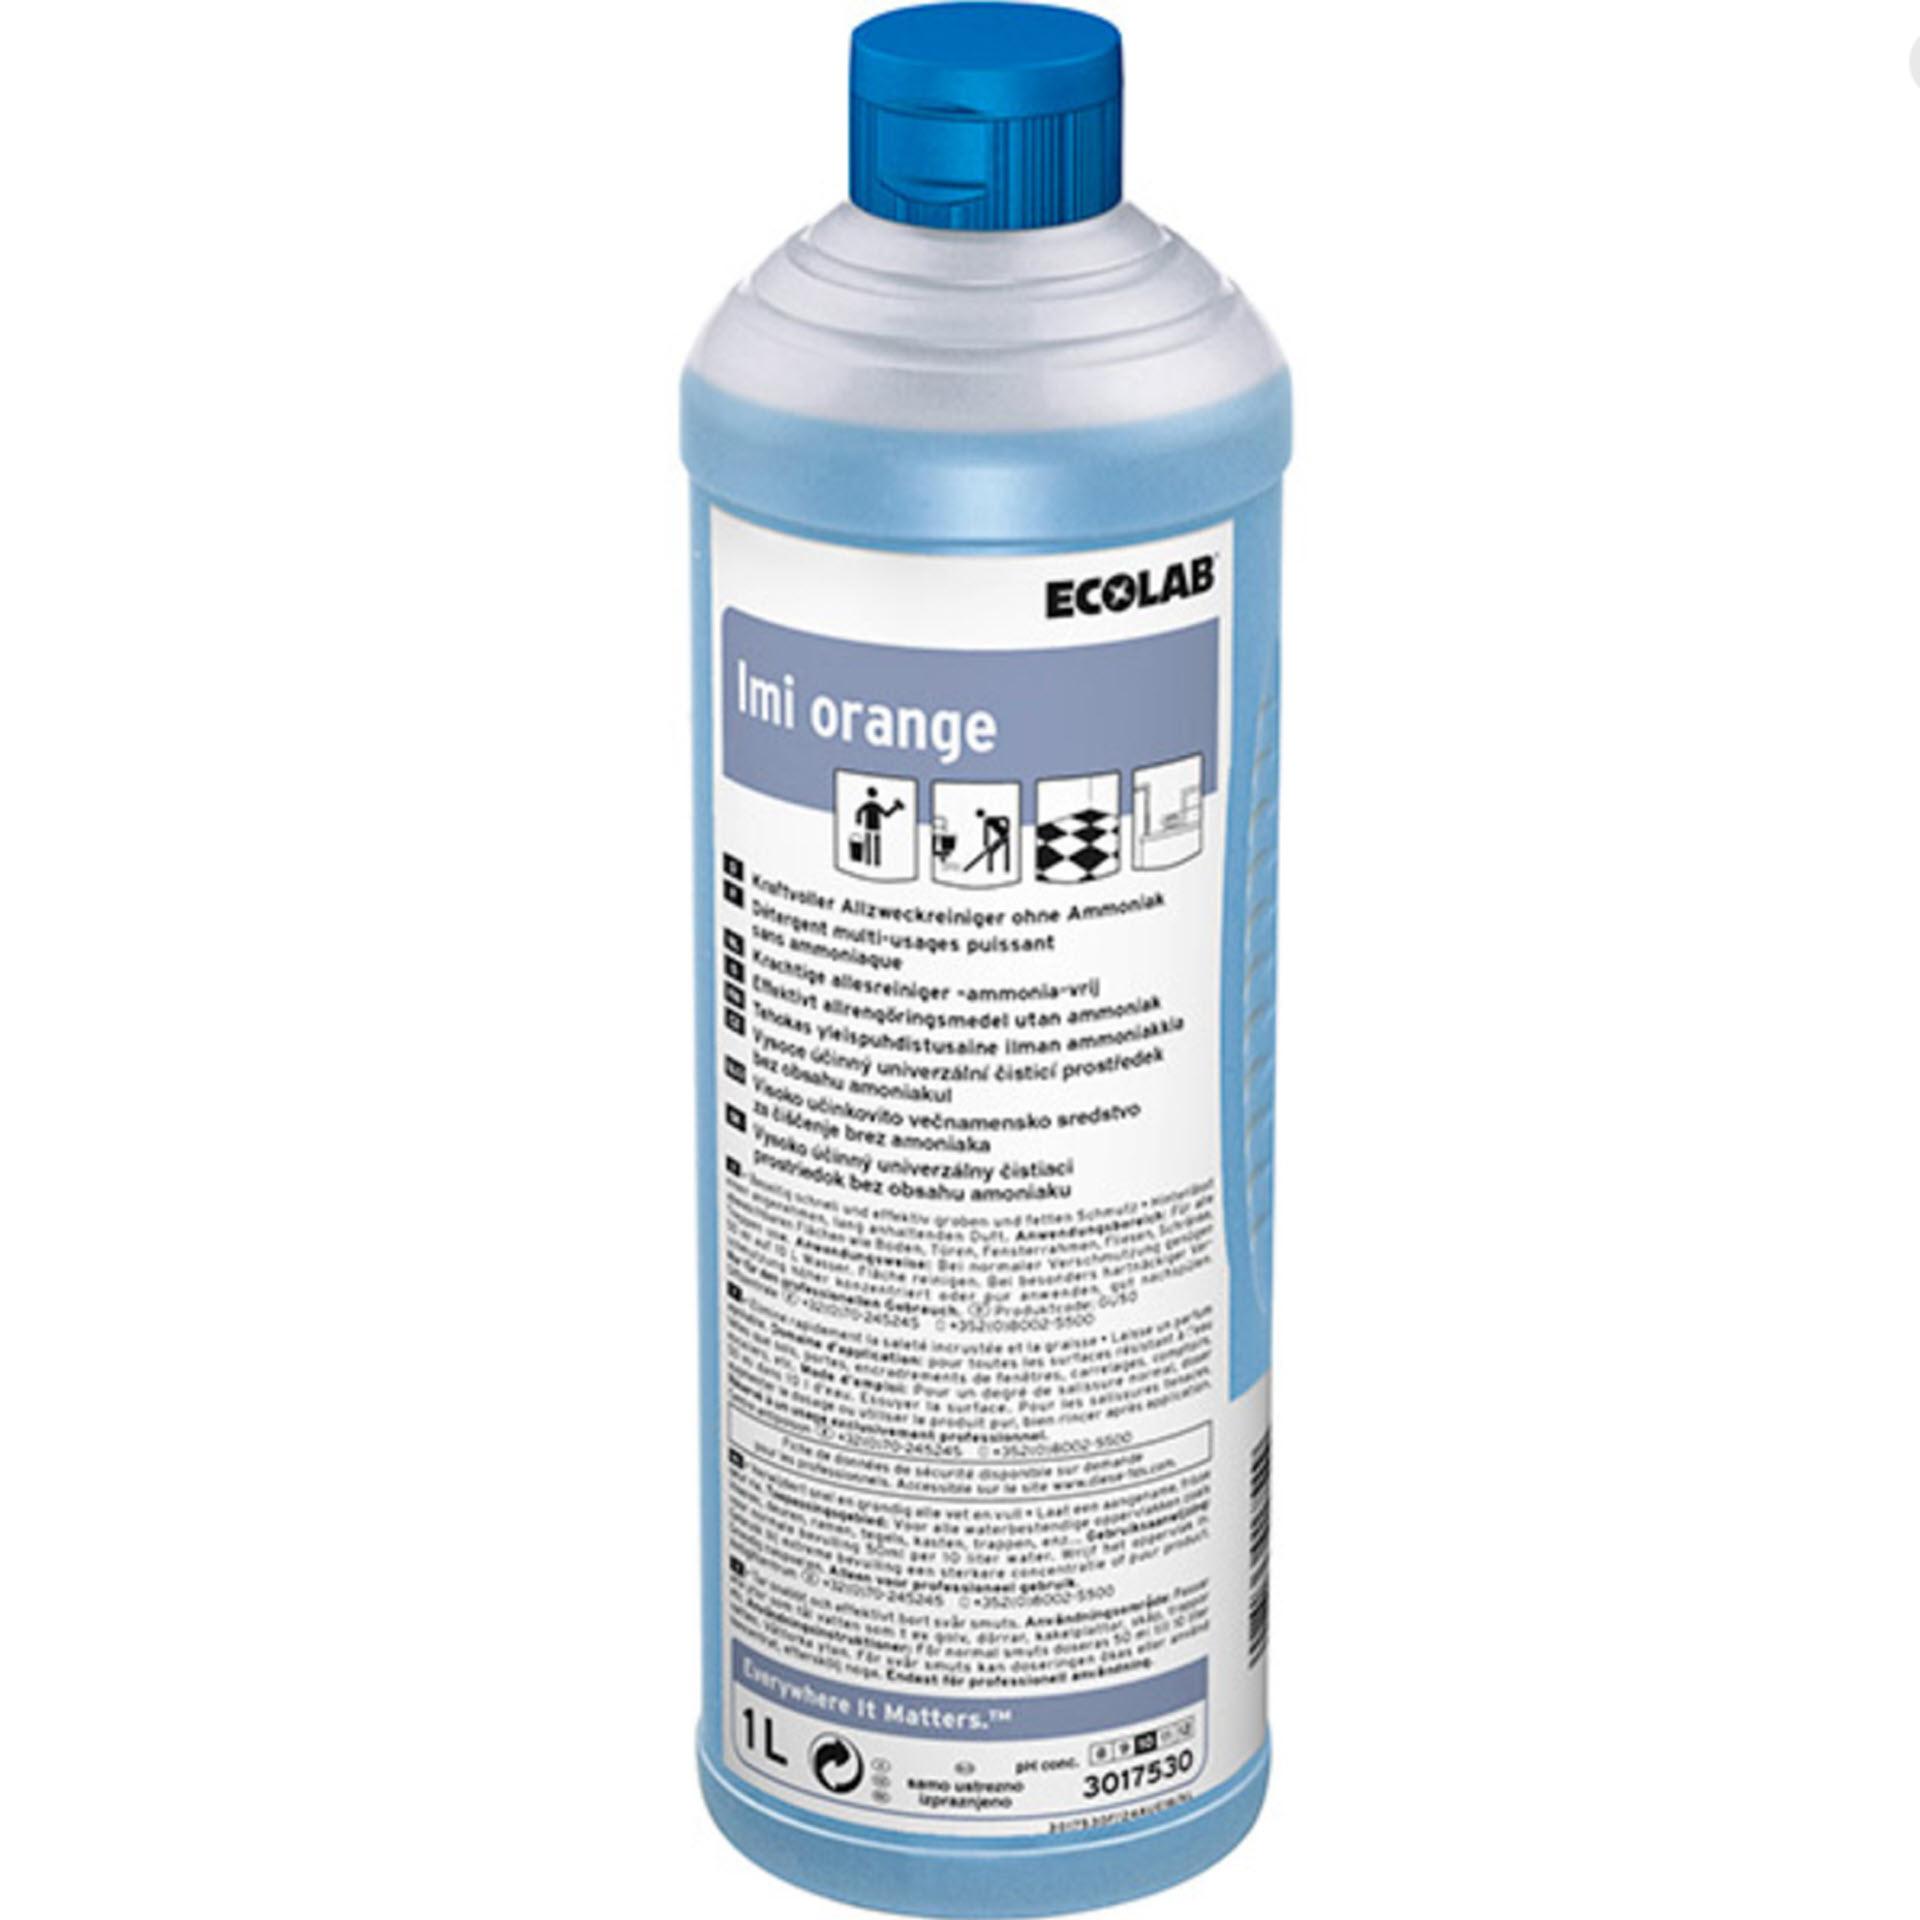 ECOLAB Imi® Orange Allzweckreiniger - 1 Liter Rundflasche